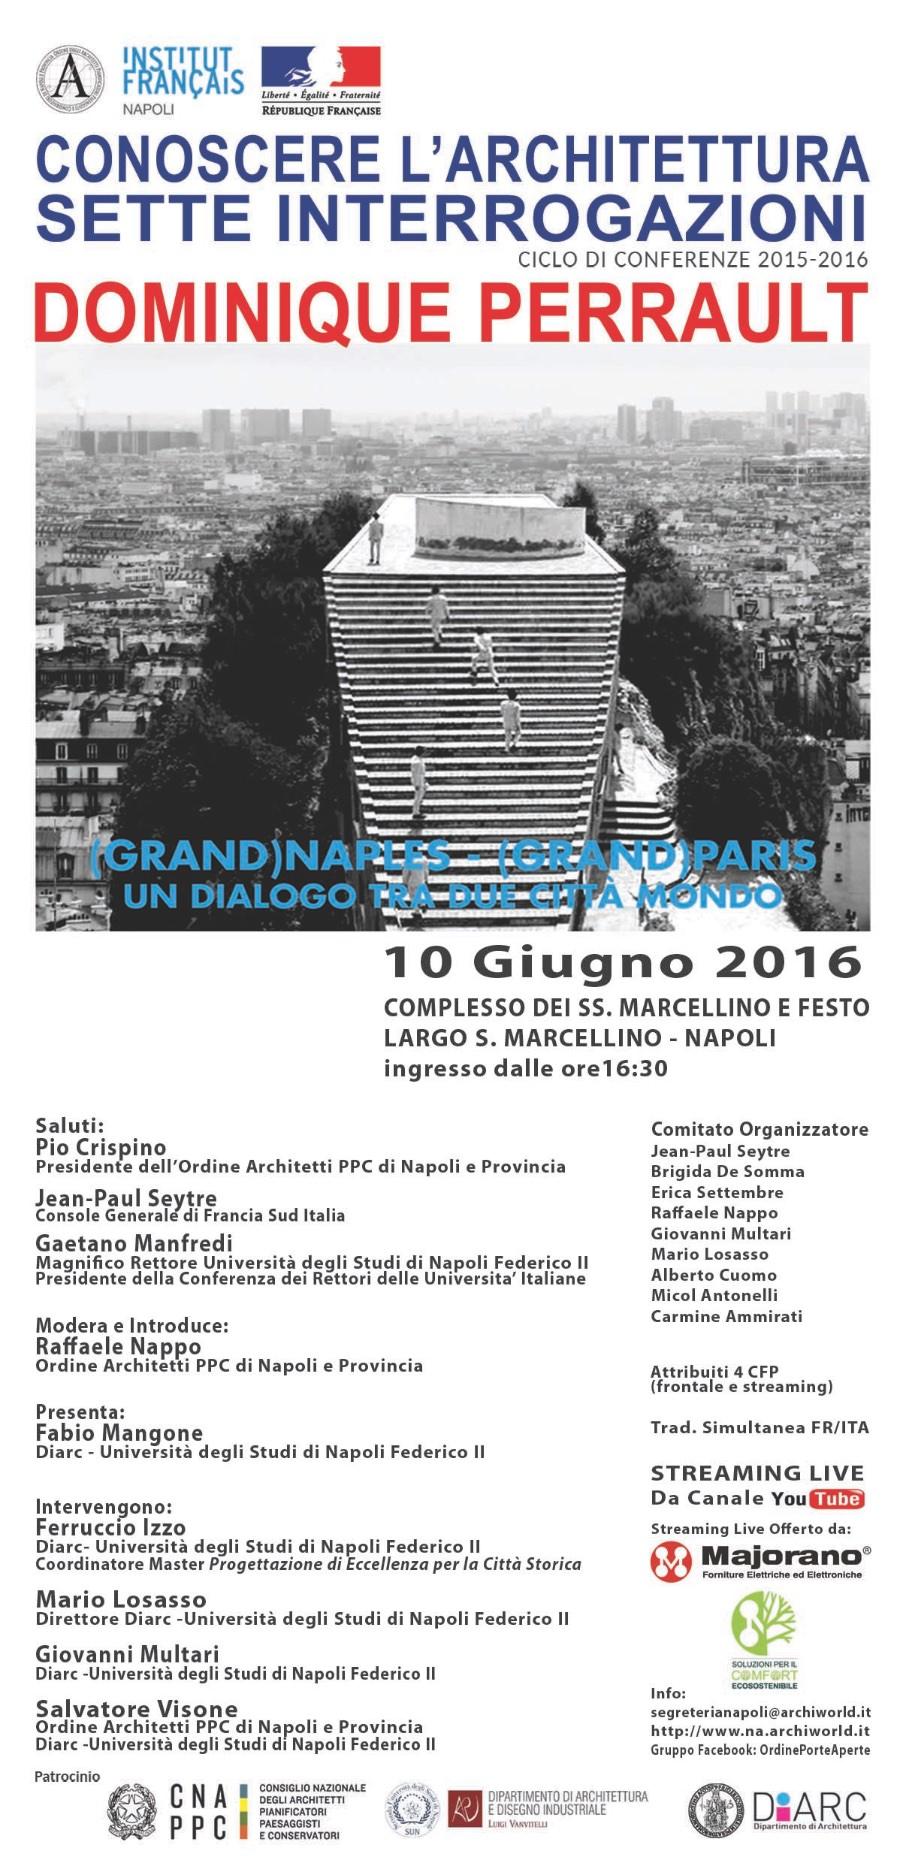 locandina Perrault Napoli imagecredits institutfrancais-italia.com